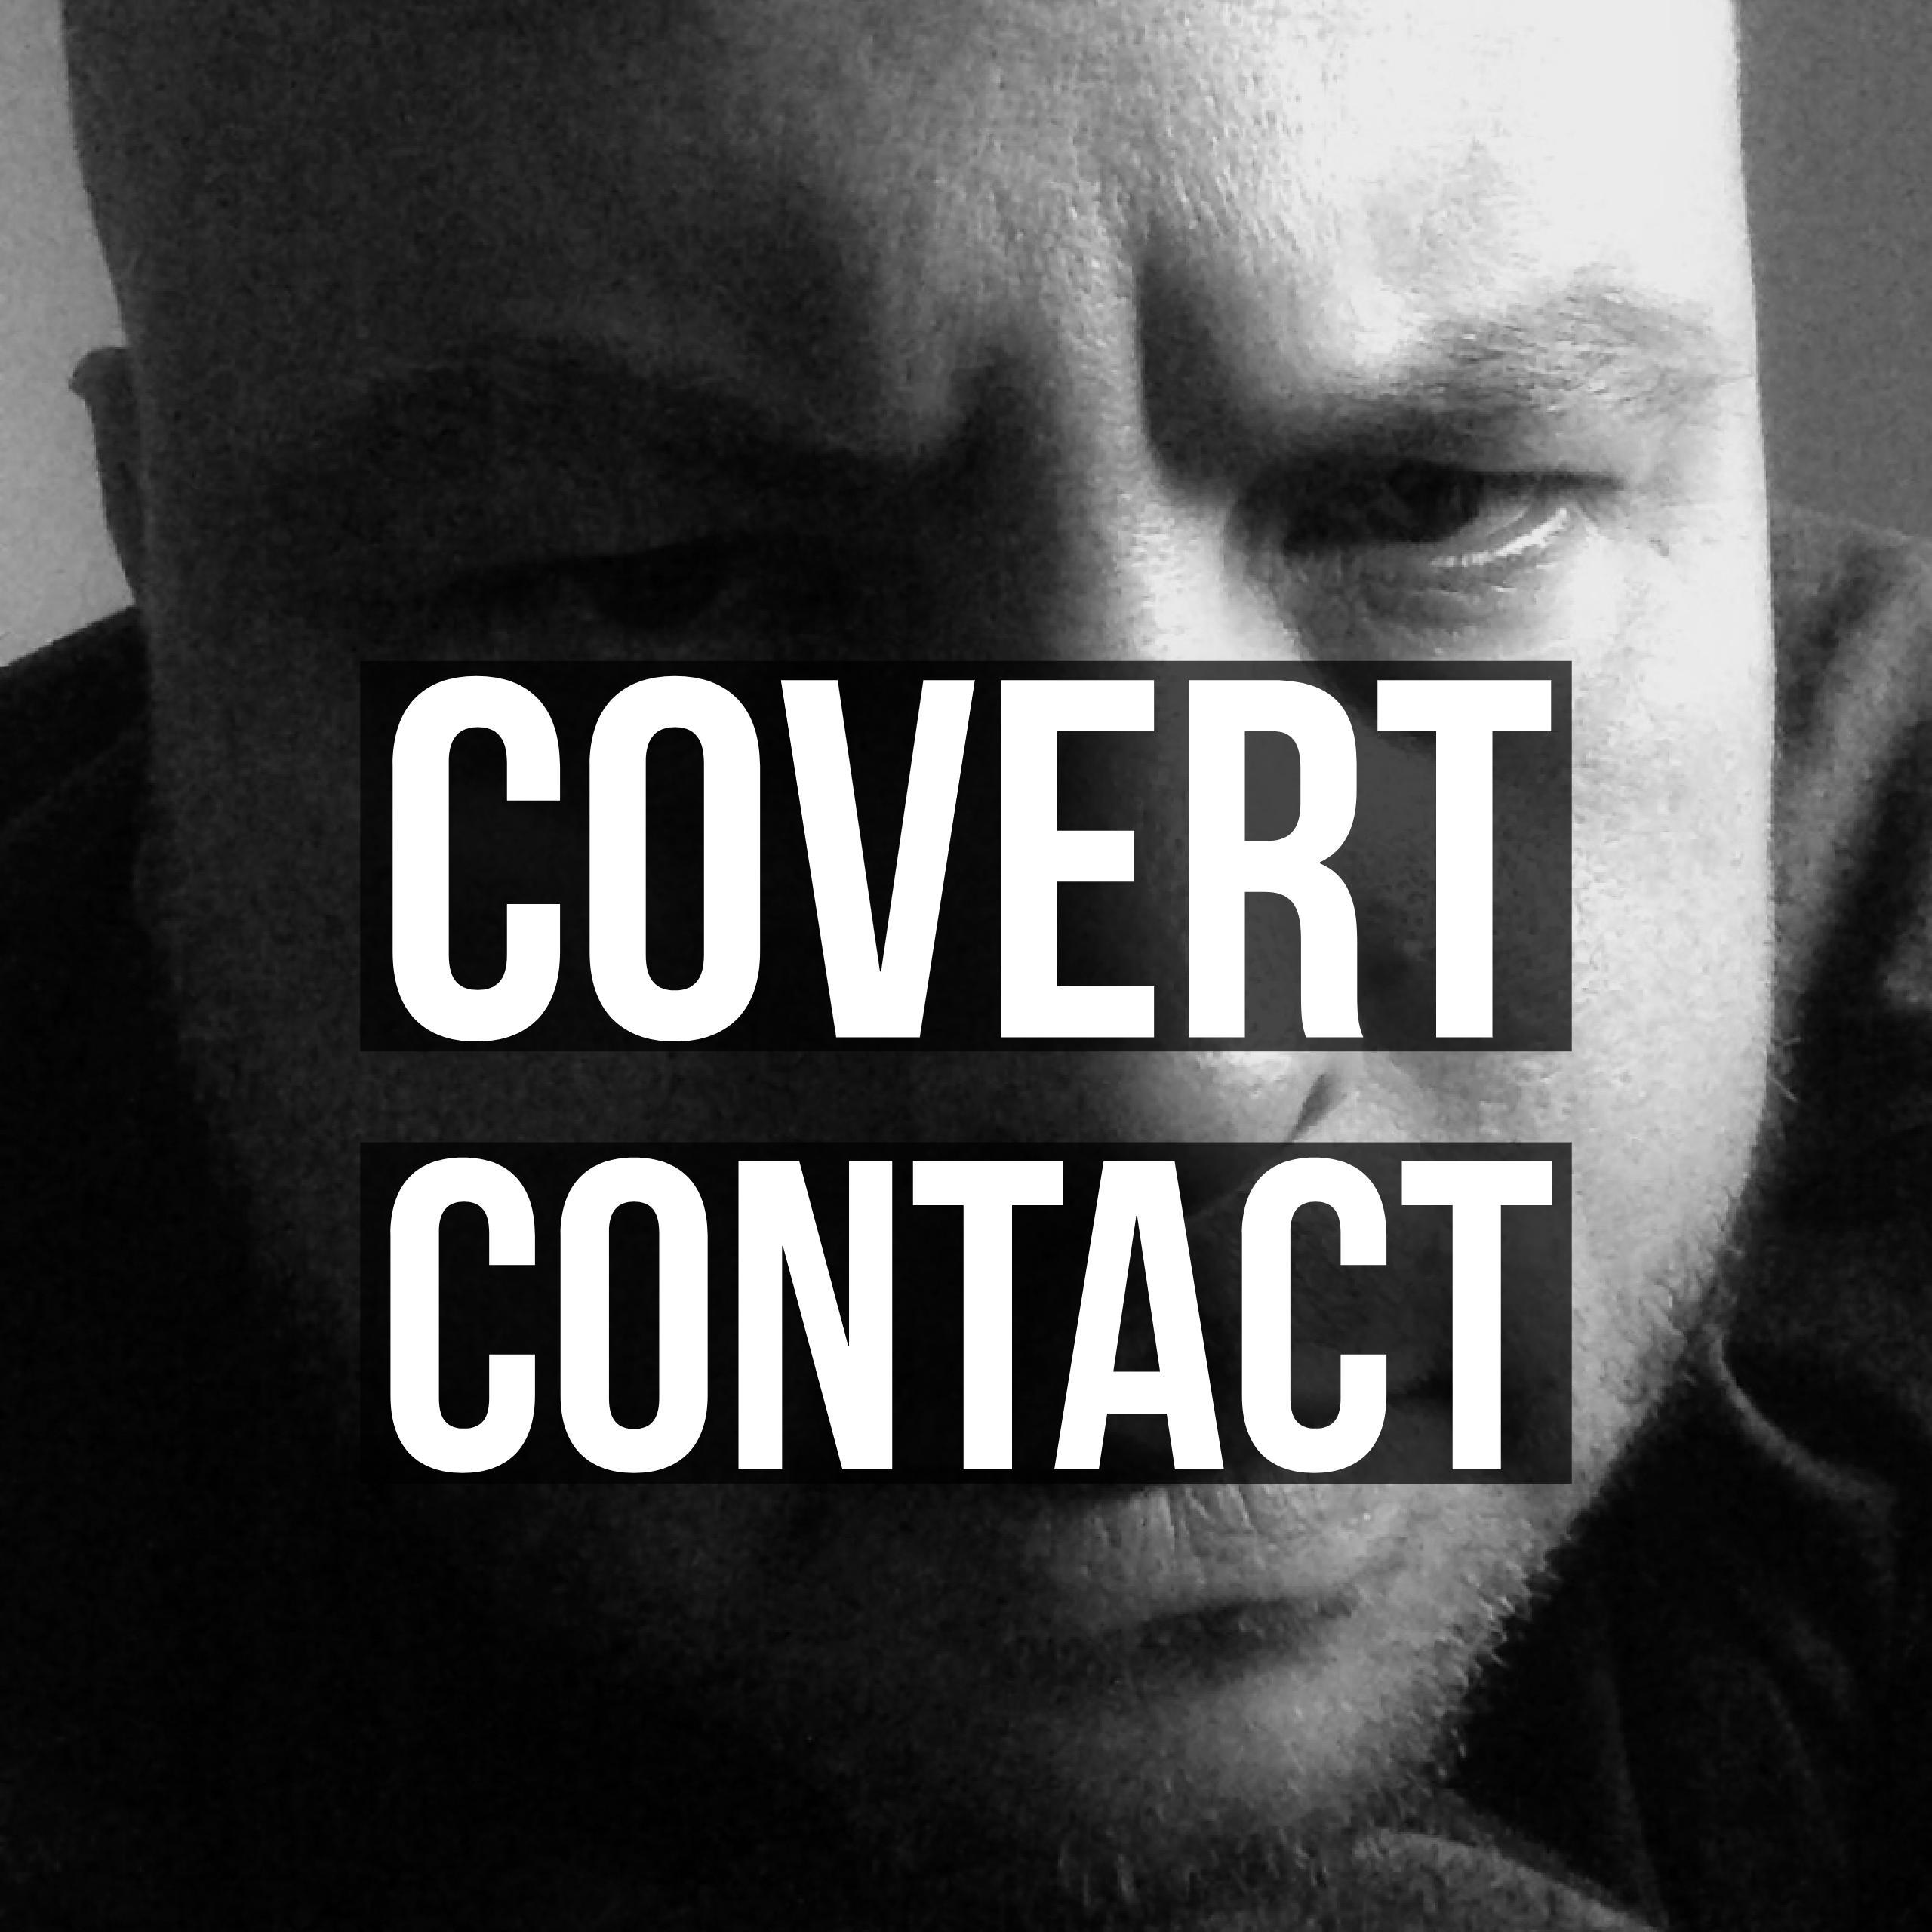 Covert Contact show art